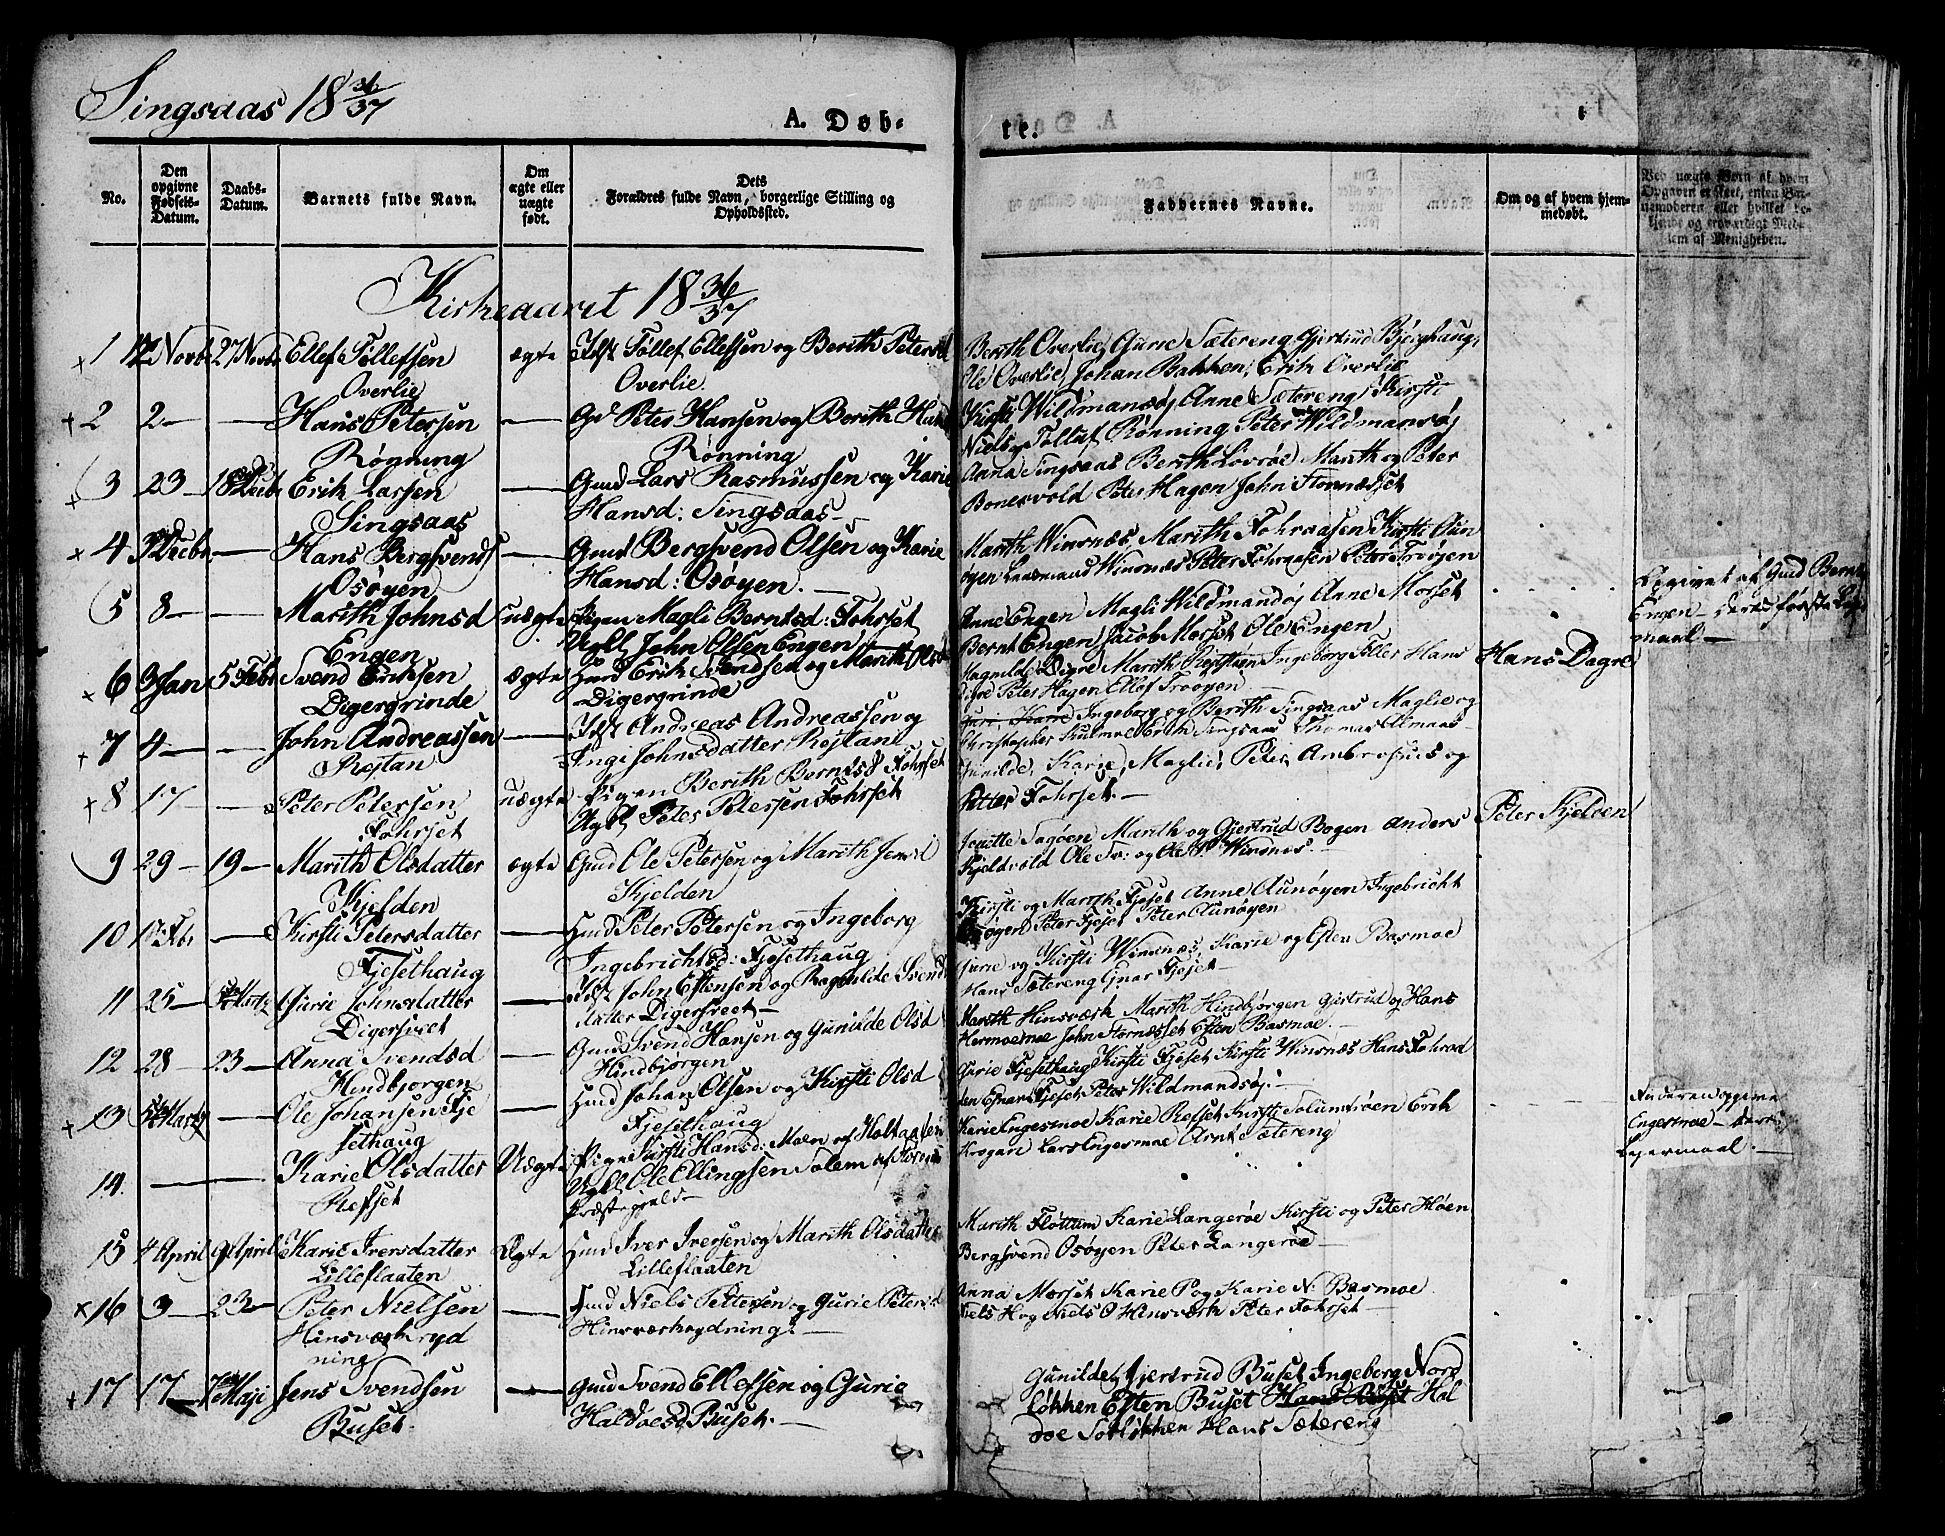 SAT, Ministerialprotokoller, klokkerbøker og fødselsregistre - Sør-Trøndelag, 685/L0958: Ministerialbok nr. 685A04 /2, 1829-1845, s. 46